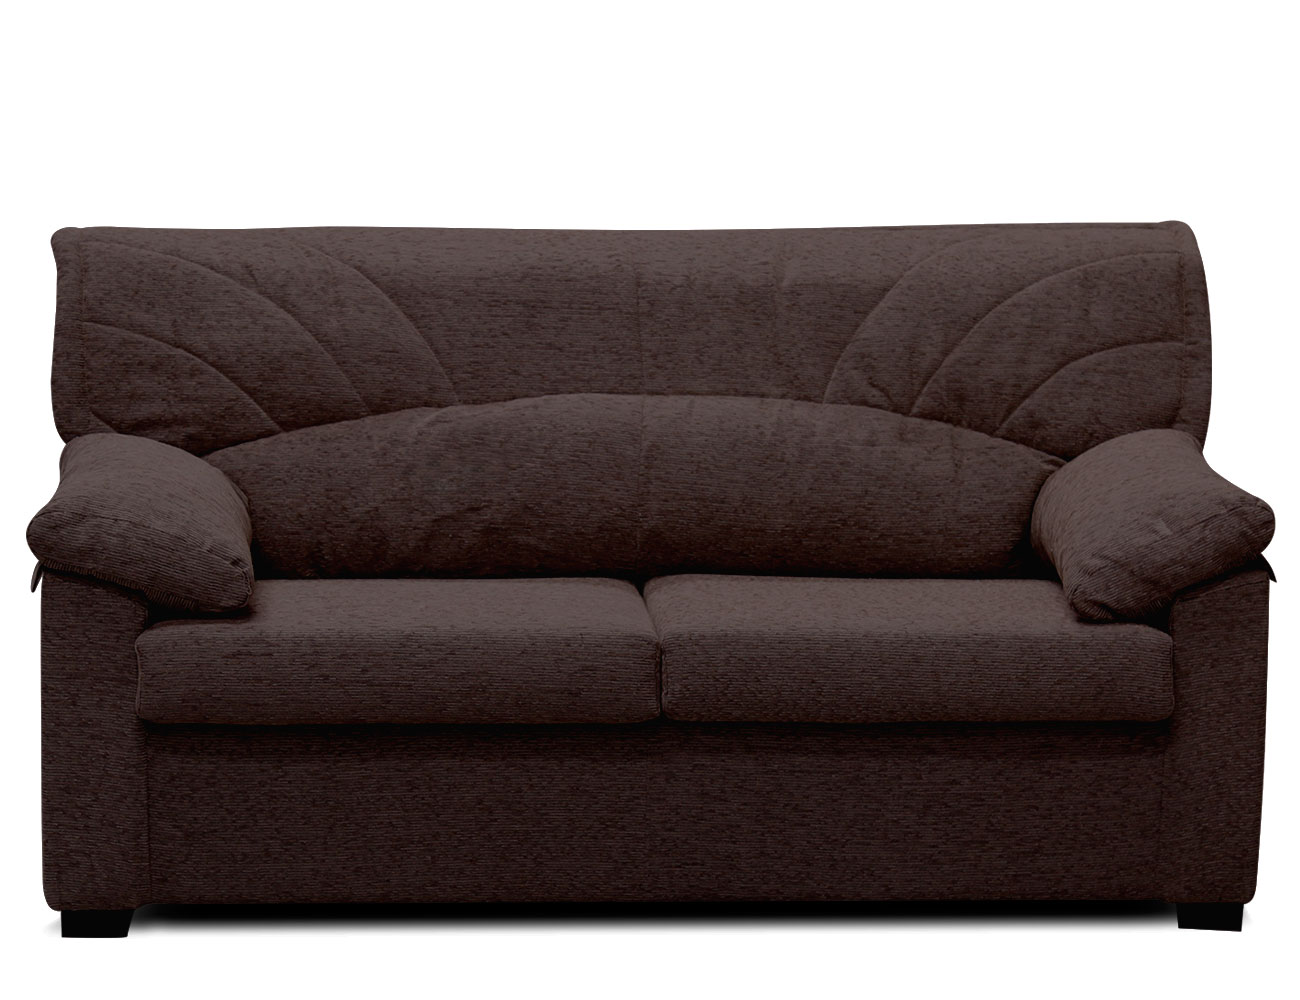 Sof barato con respaldos medios 15204 factory del for Medidas sofa 2 plazas